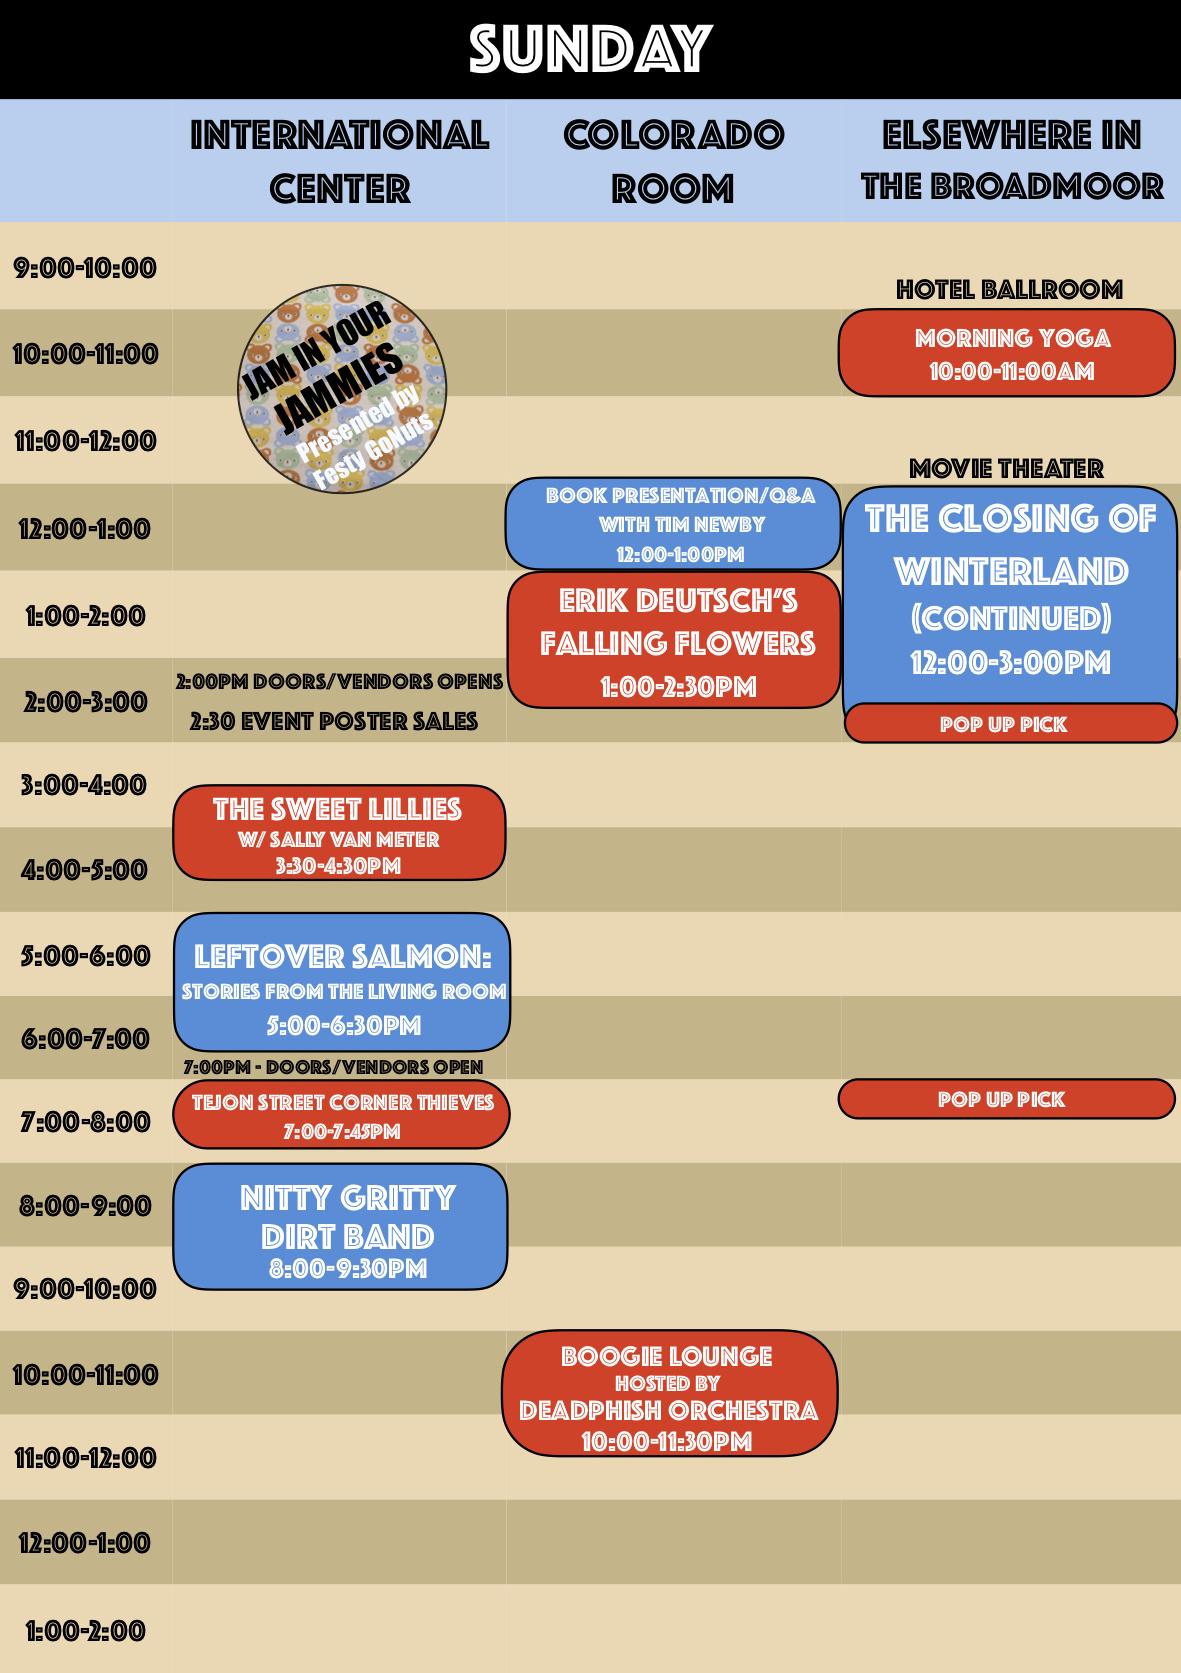 Broadmoor Schedule (SUN) no header.jpg